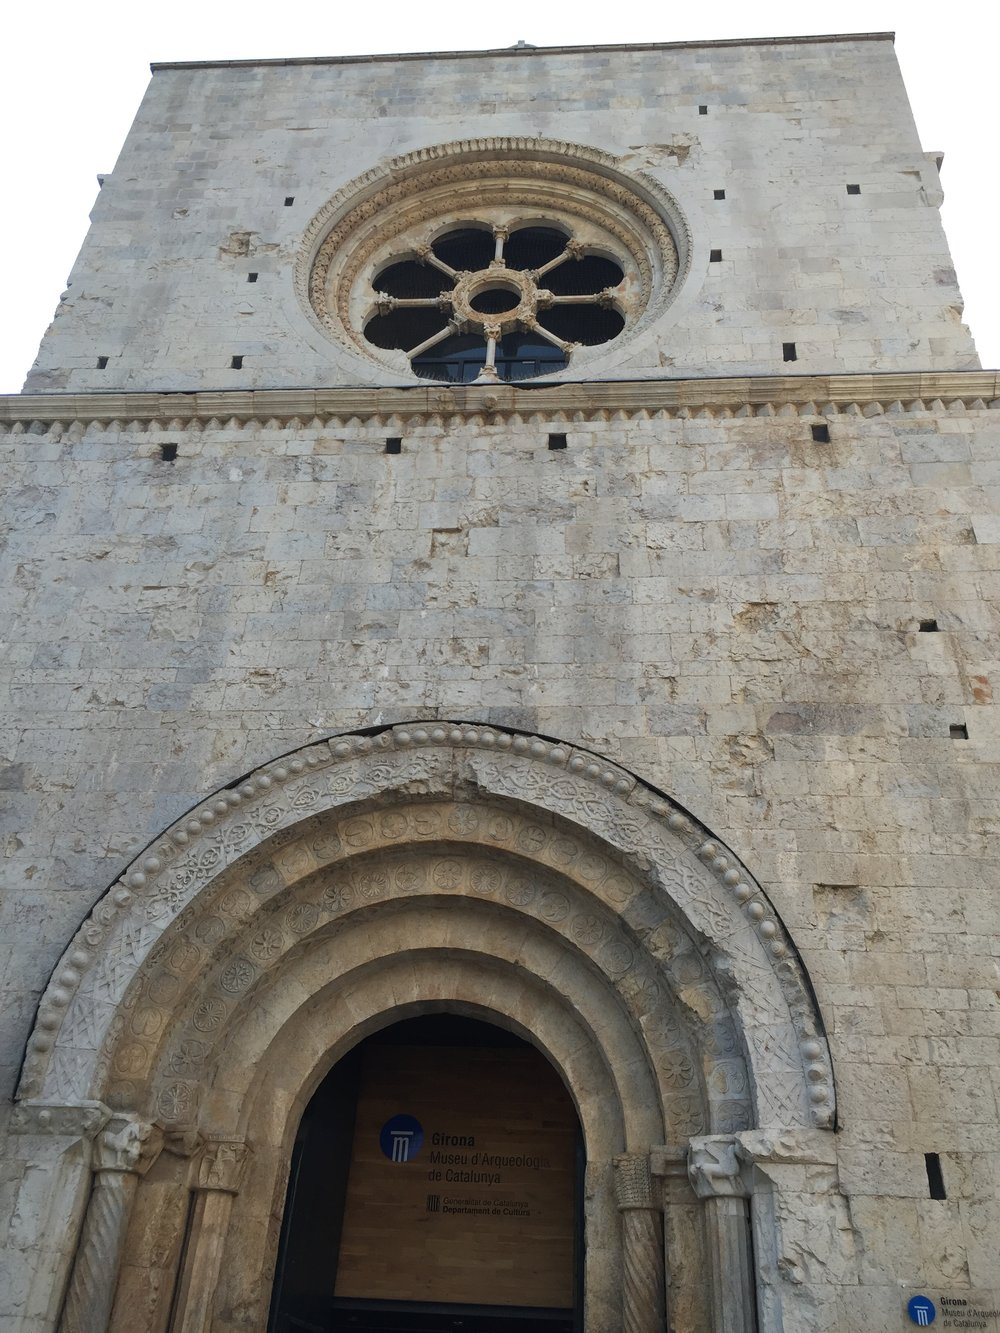 Girona church